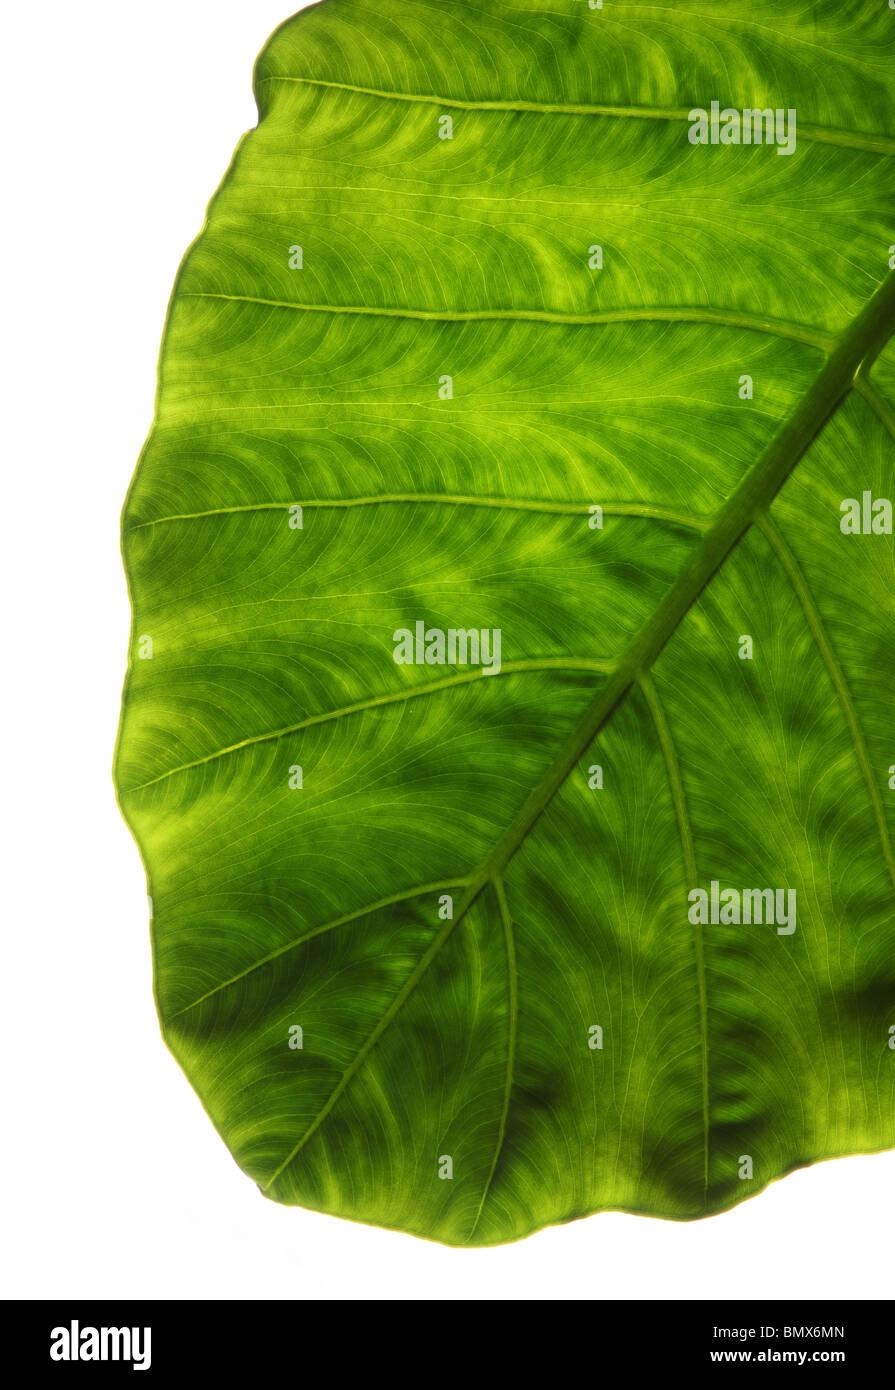 La fine di una pianta verde foglia, sfondo bianco Immagini Stock